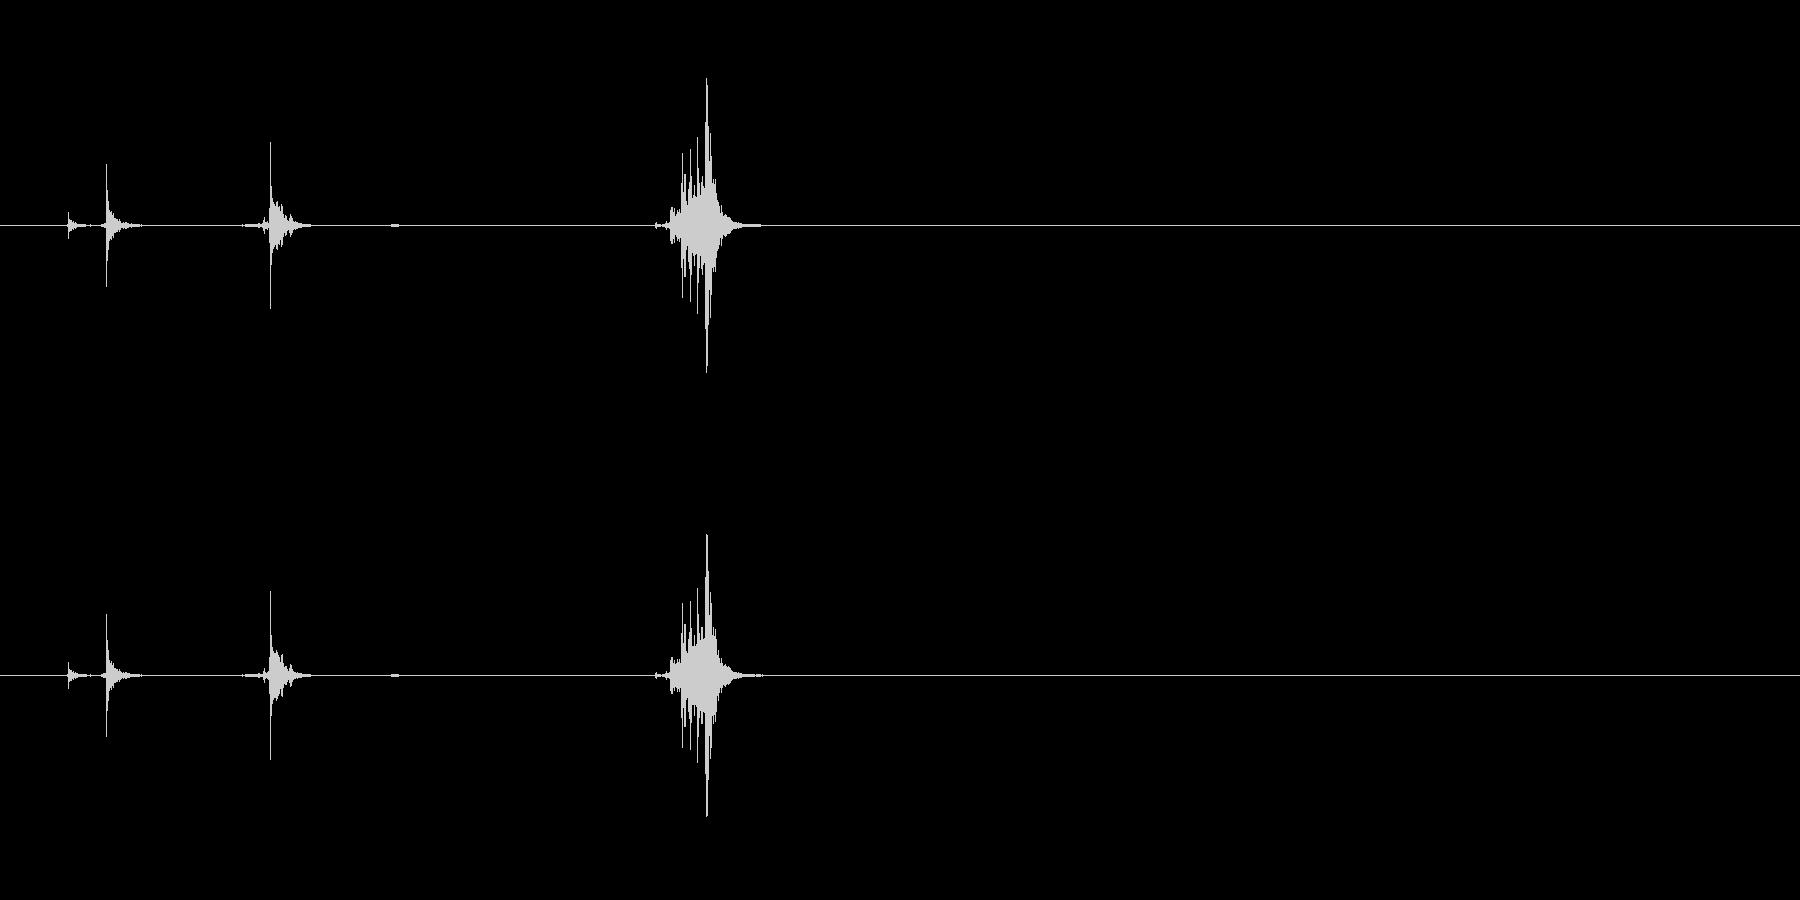 【南京錠01-鍵 挿す2】の未再生の波形